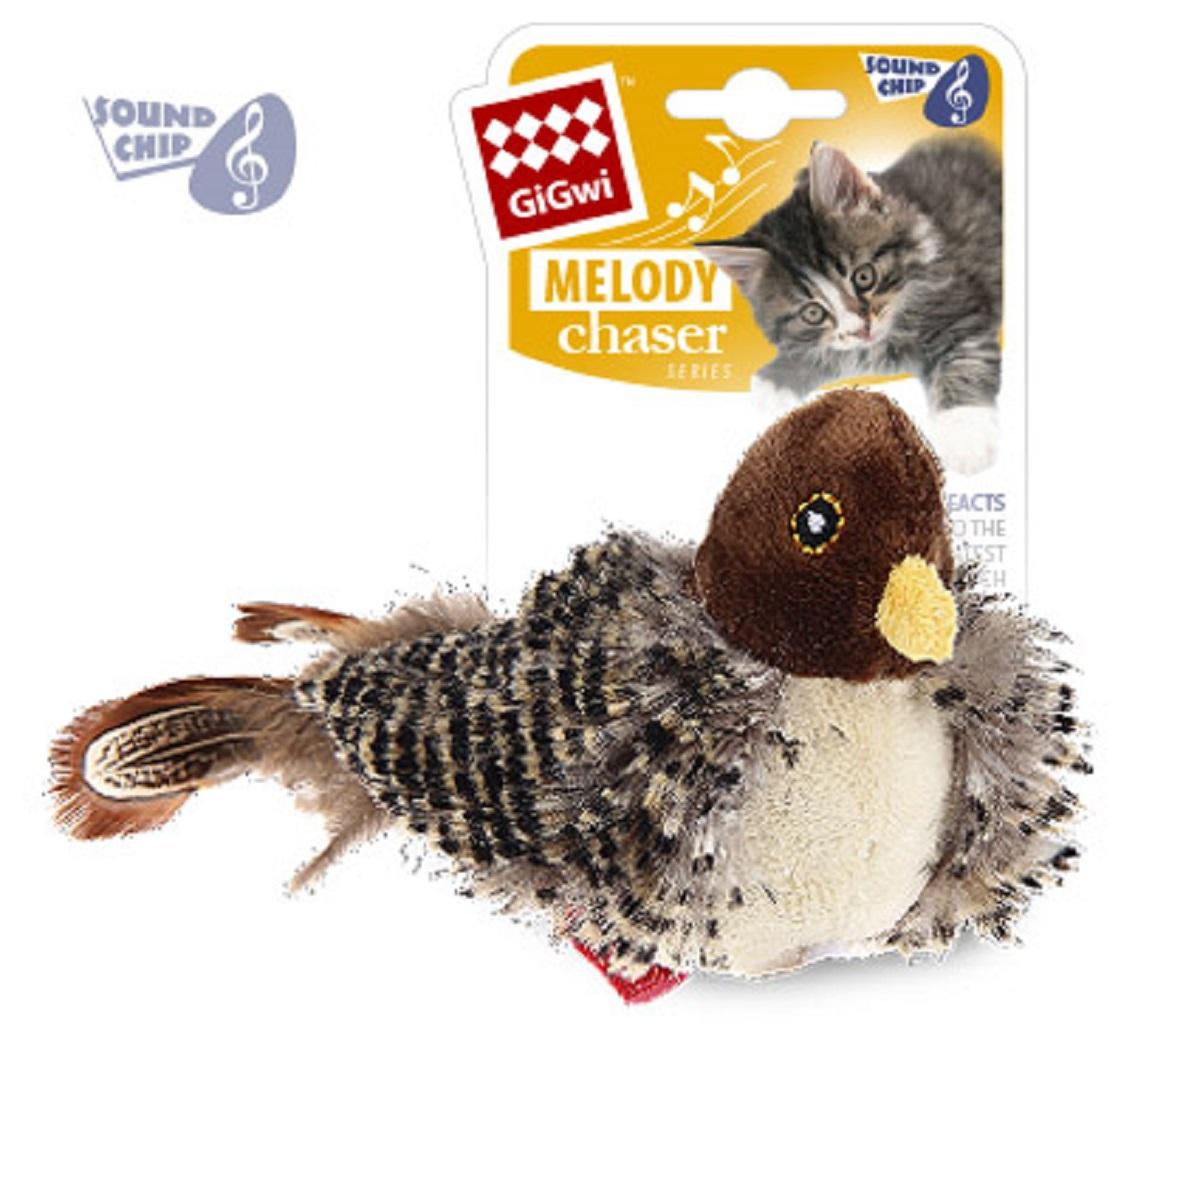 Игрушка для кошек GiGwi Птичка со звуковым чипом75306Птичка с музыкальным чипом. При касании лапами игрушка издает звуки похожие на чириканье птиц. Размер 13 см. Искусственный мех.